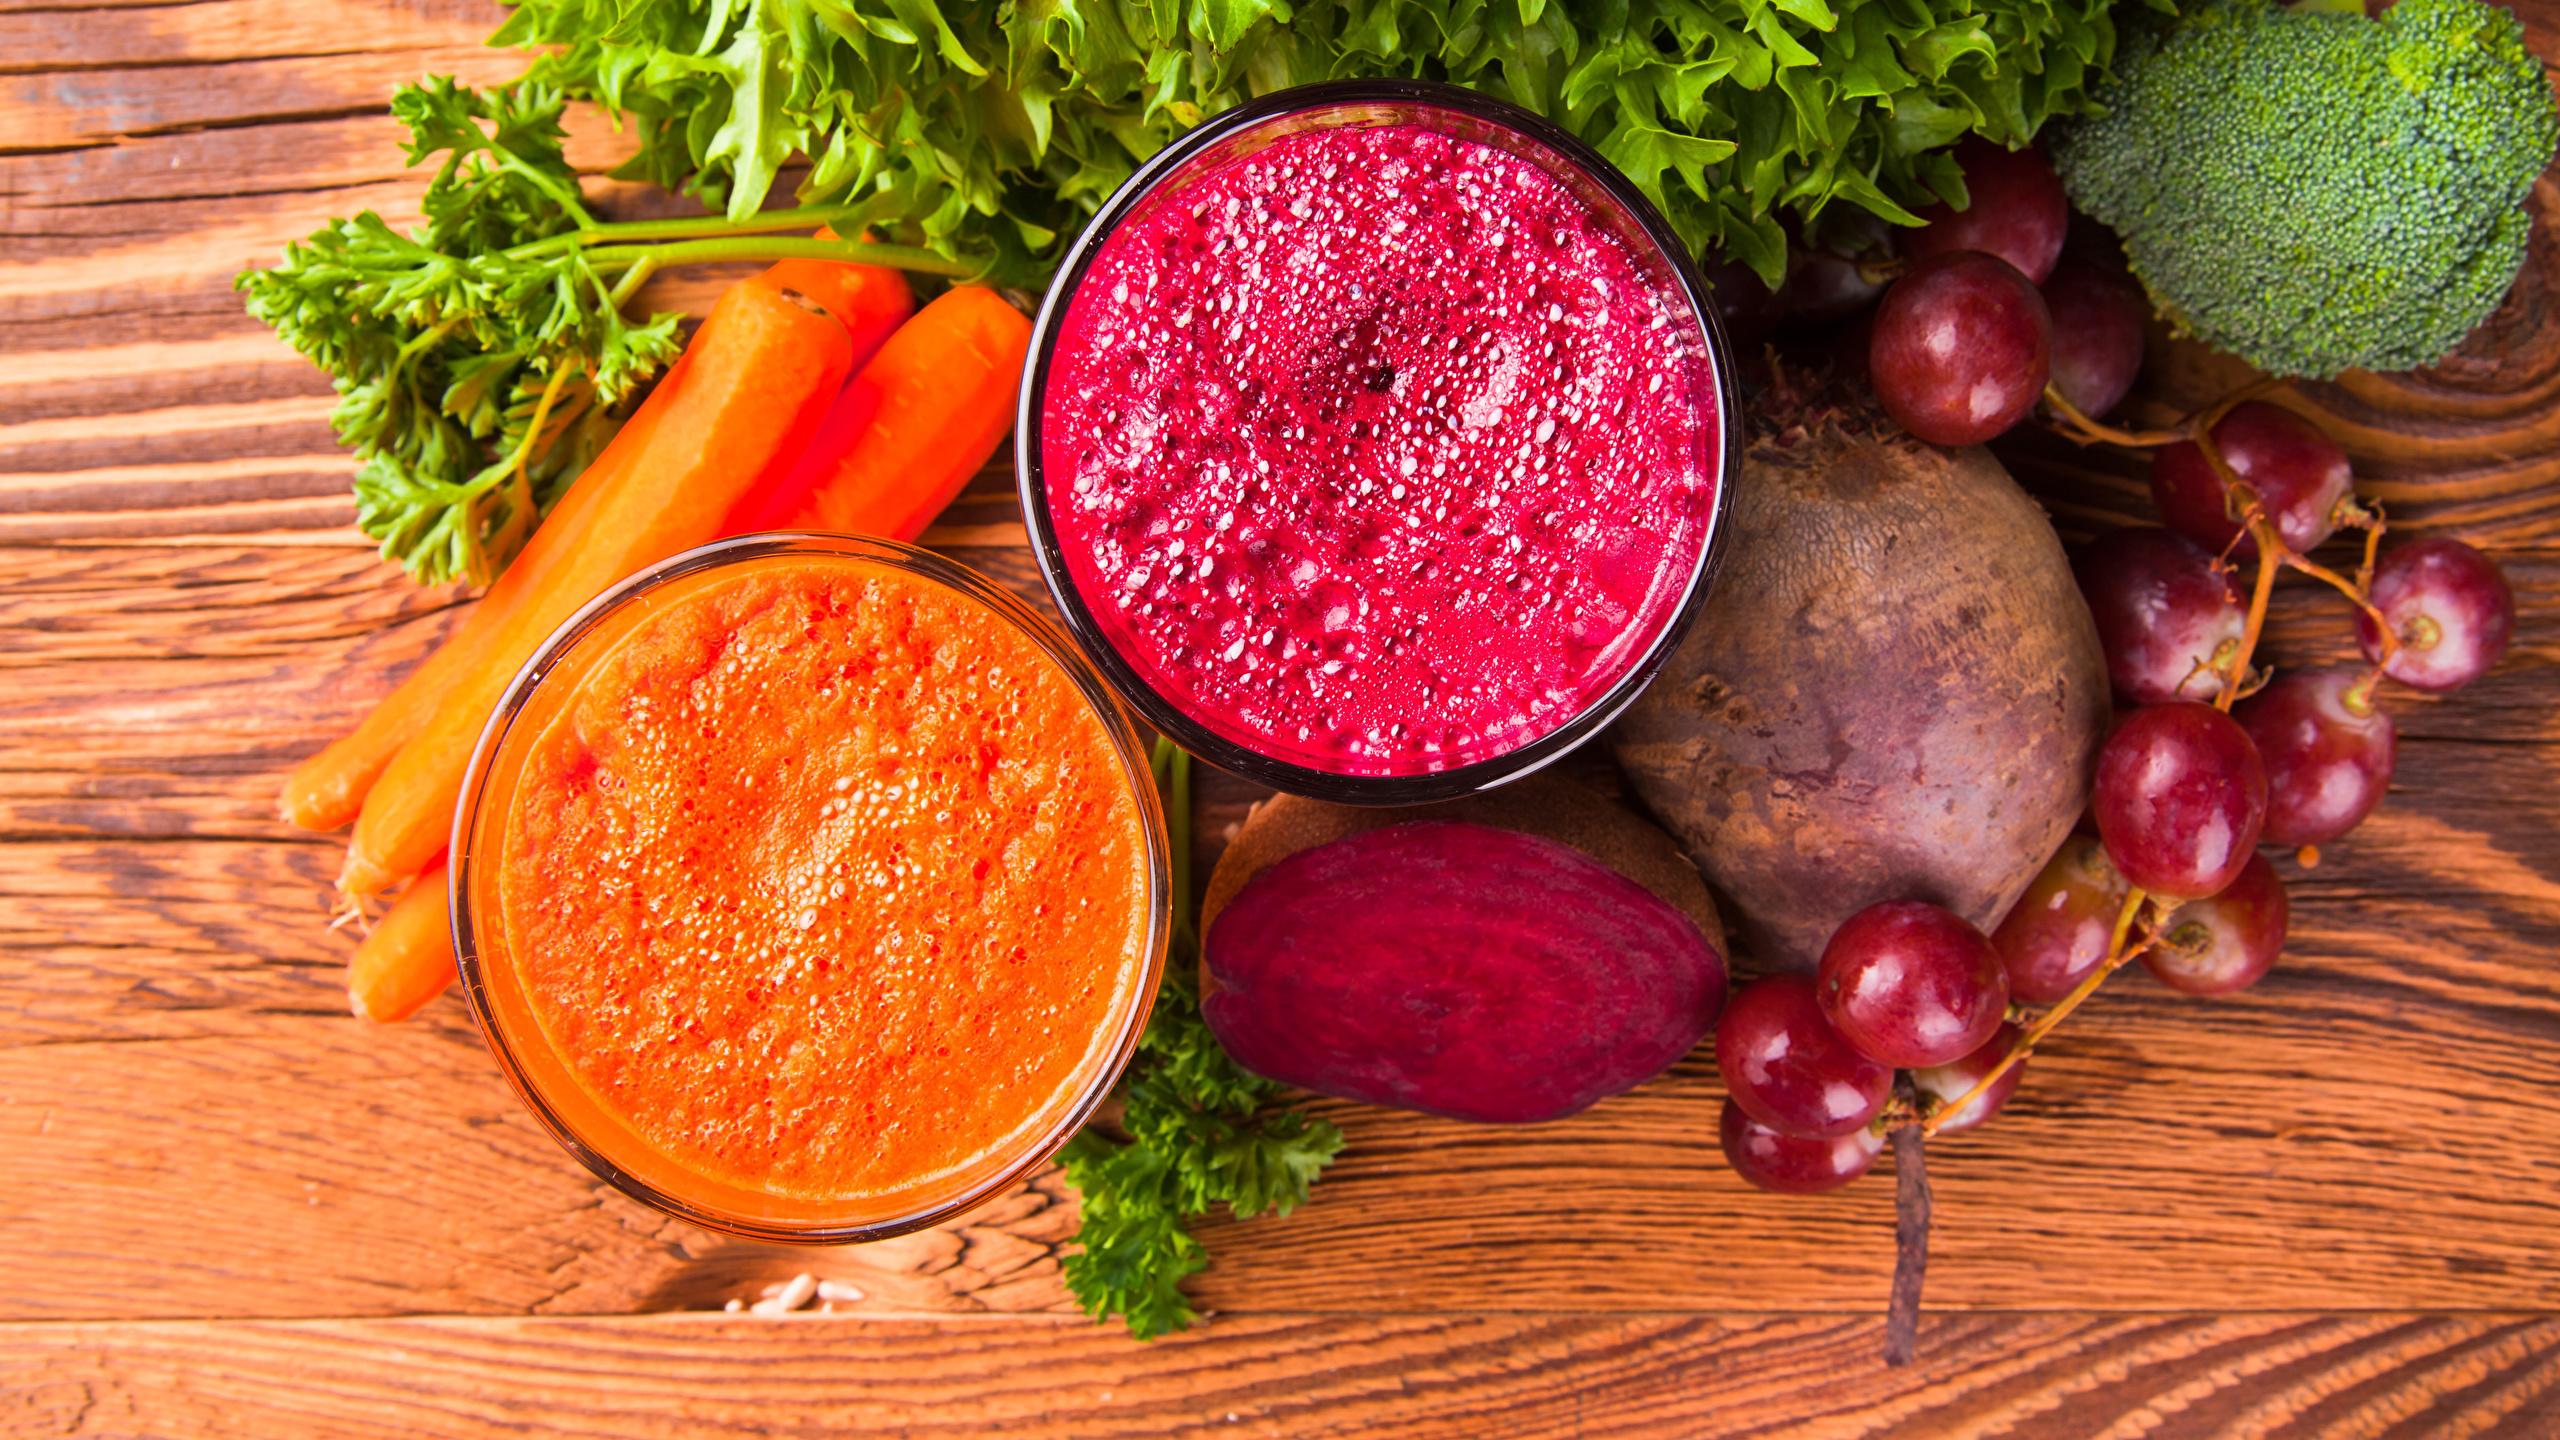 Обои для рабочего стола Еда Смузи Доски Морковь две Виноград Овощи стакане Свекла 2560x1440 Пища Продукты питания 2 два Двое вдвоем Стакан стакана свёкла